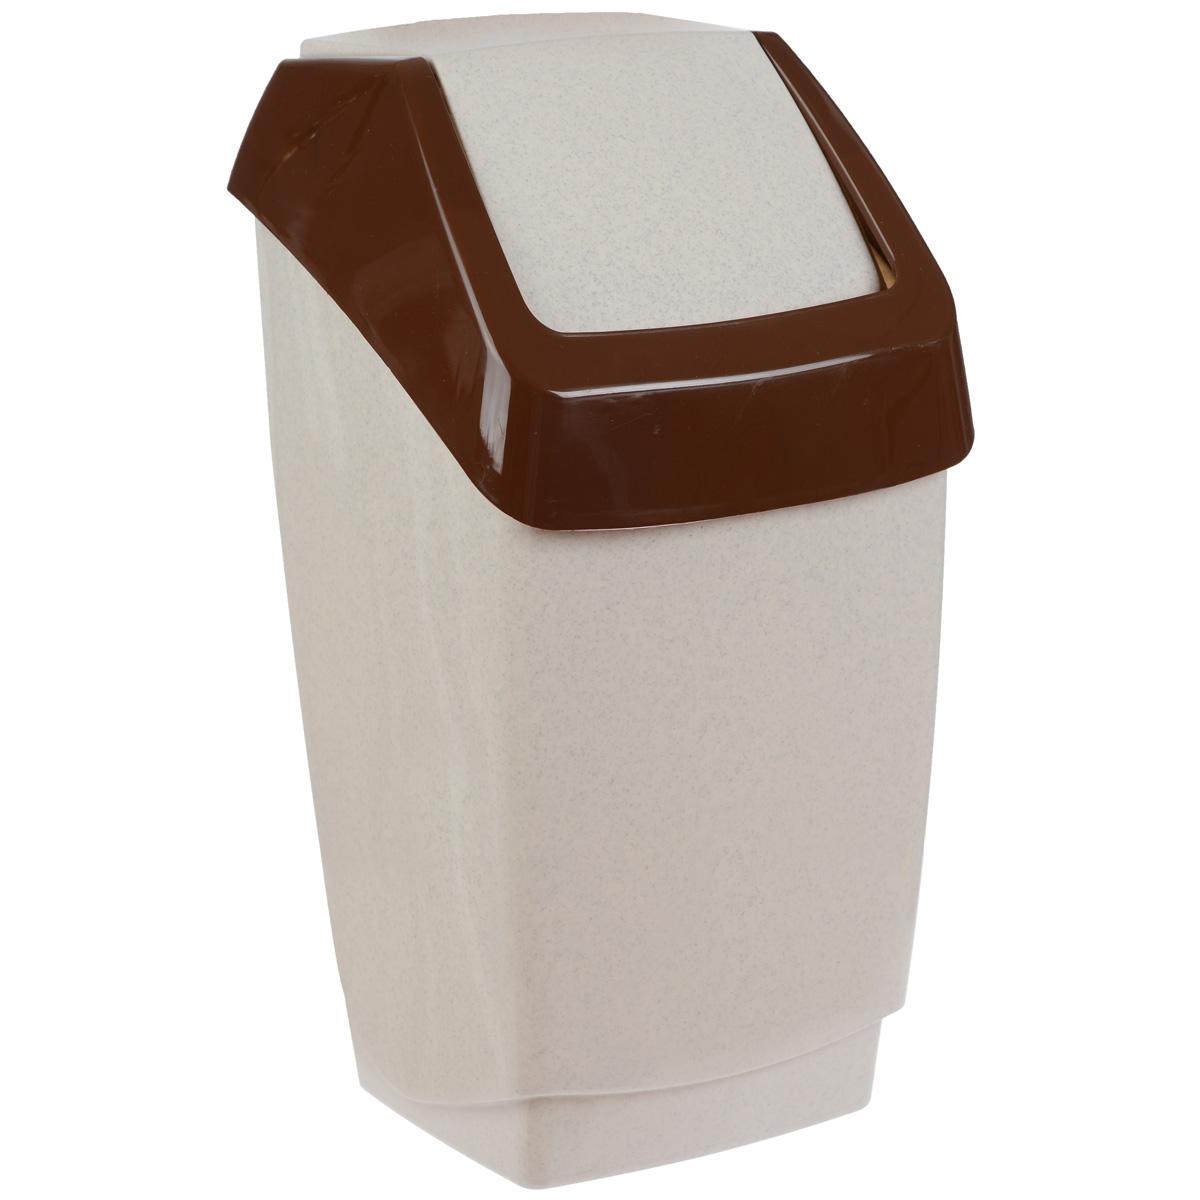 Контейнер для мусора Idea Хапс, цвет: бежевый мрамор, 7 лМ 2470Контейнер для мусора Idea Хапс изготовлен из прочного полипропилена (пластика). Контейнер снабжен удобной съемной крышкой с подвижной перегородкой. Благодаря лаконичному дизайну такой контейнер идеально впишется в интерьер дома и офиса.